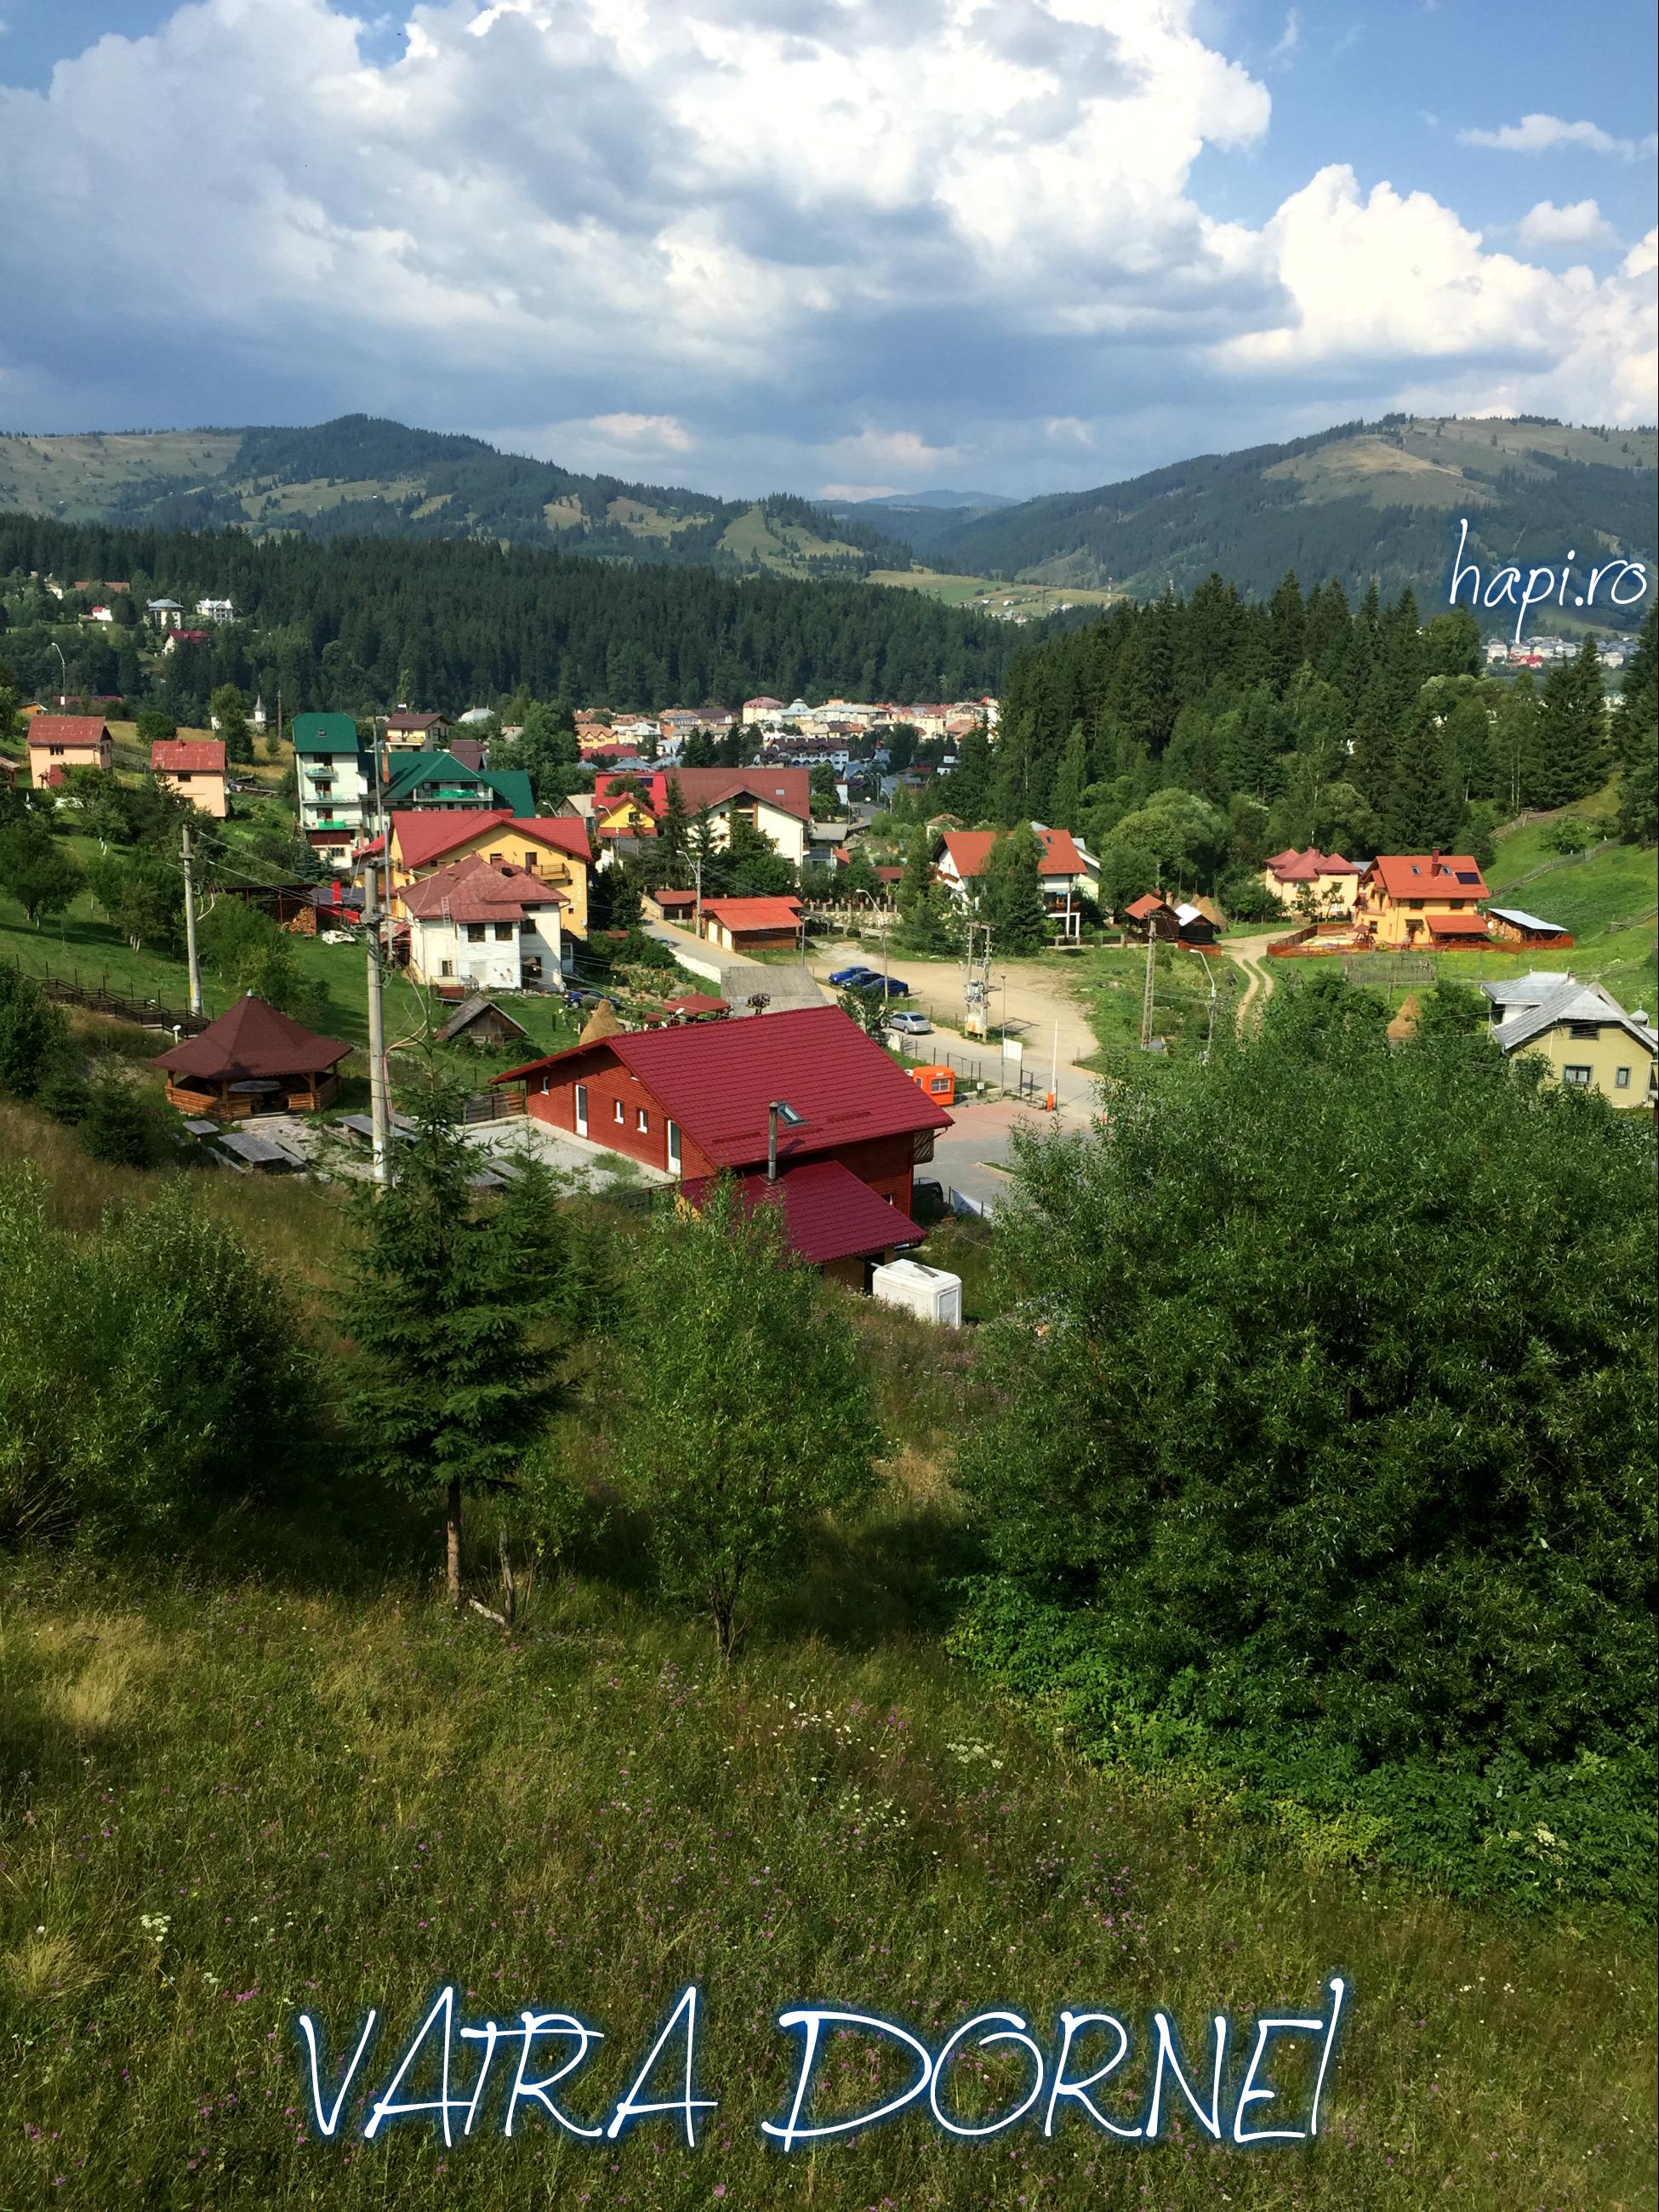 Stațiuni și cazări în diferite zone din România